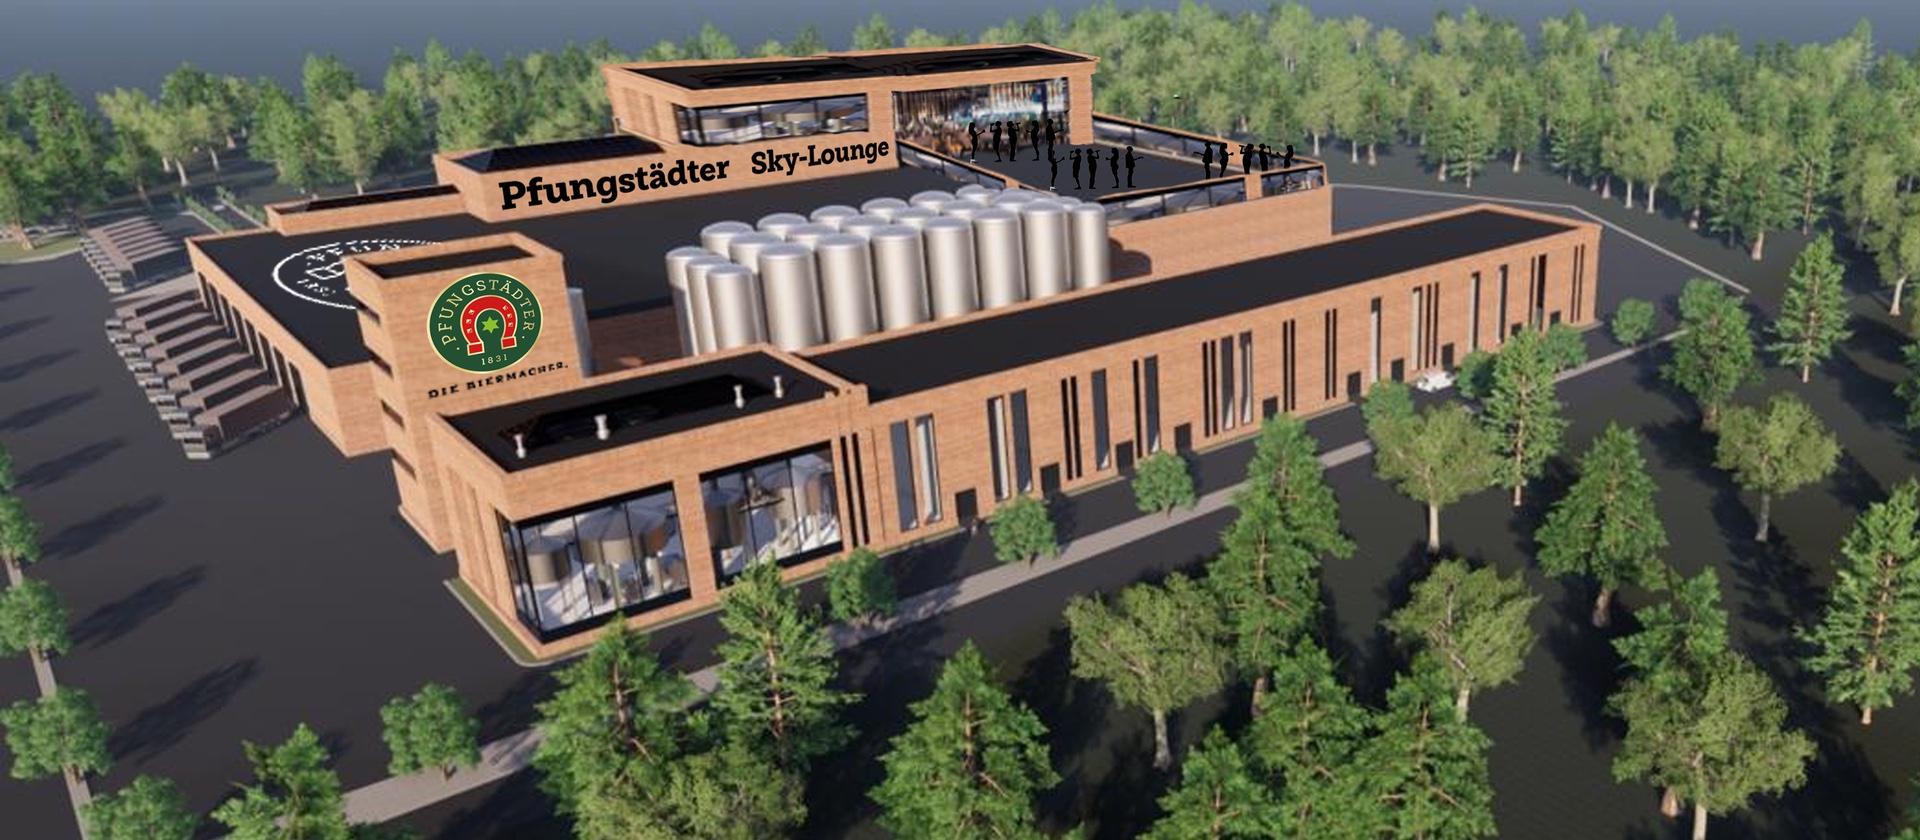 Visualisierung Brauereineubau auf Schwimmbadareal Pfungstadt